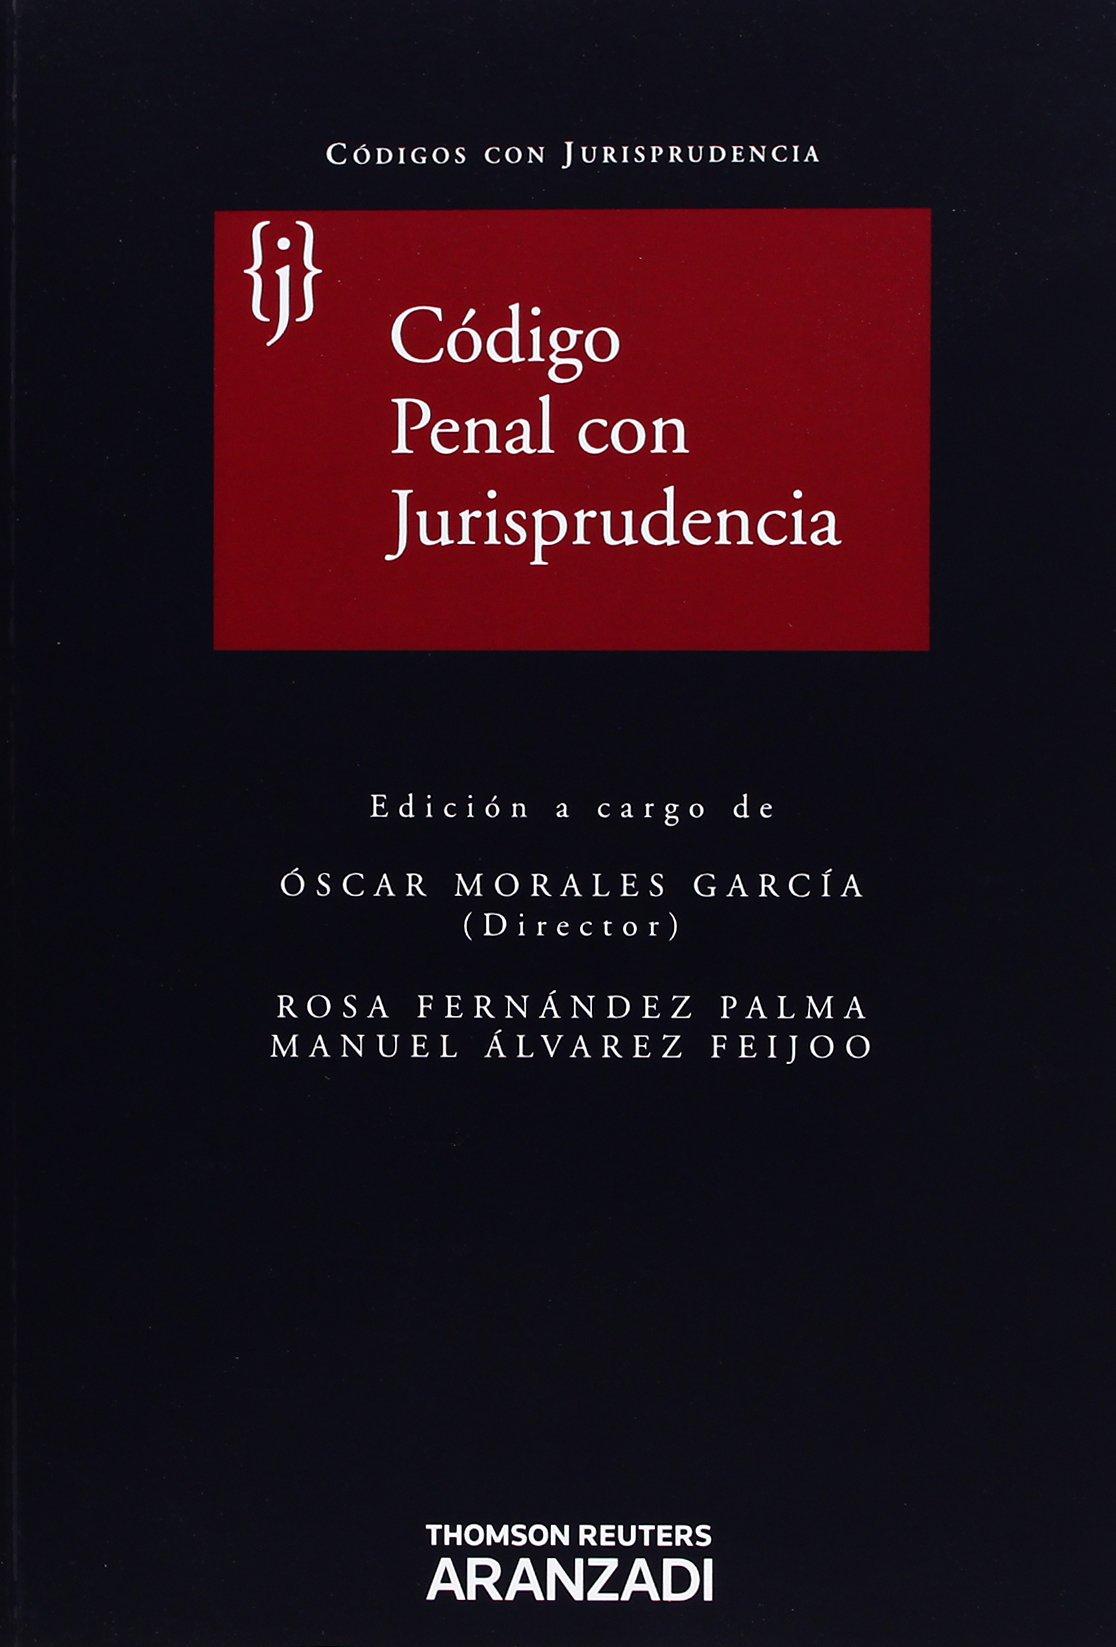 Código Penal con Jurisprudencia Código con Jurisprudencia: Amazon.es: Álvarez Feijoo, Manuel, Fernández Palma, Rosa, Morales García, Oscar: Libros